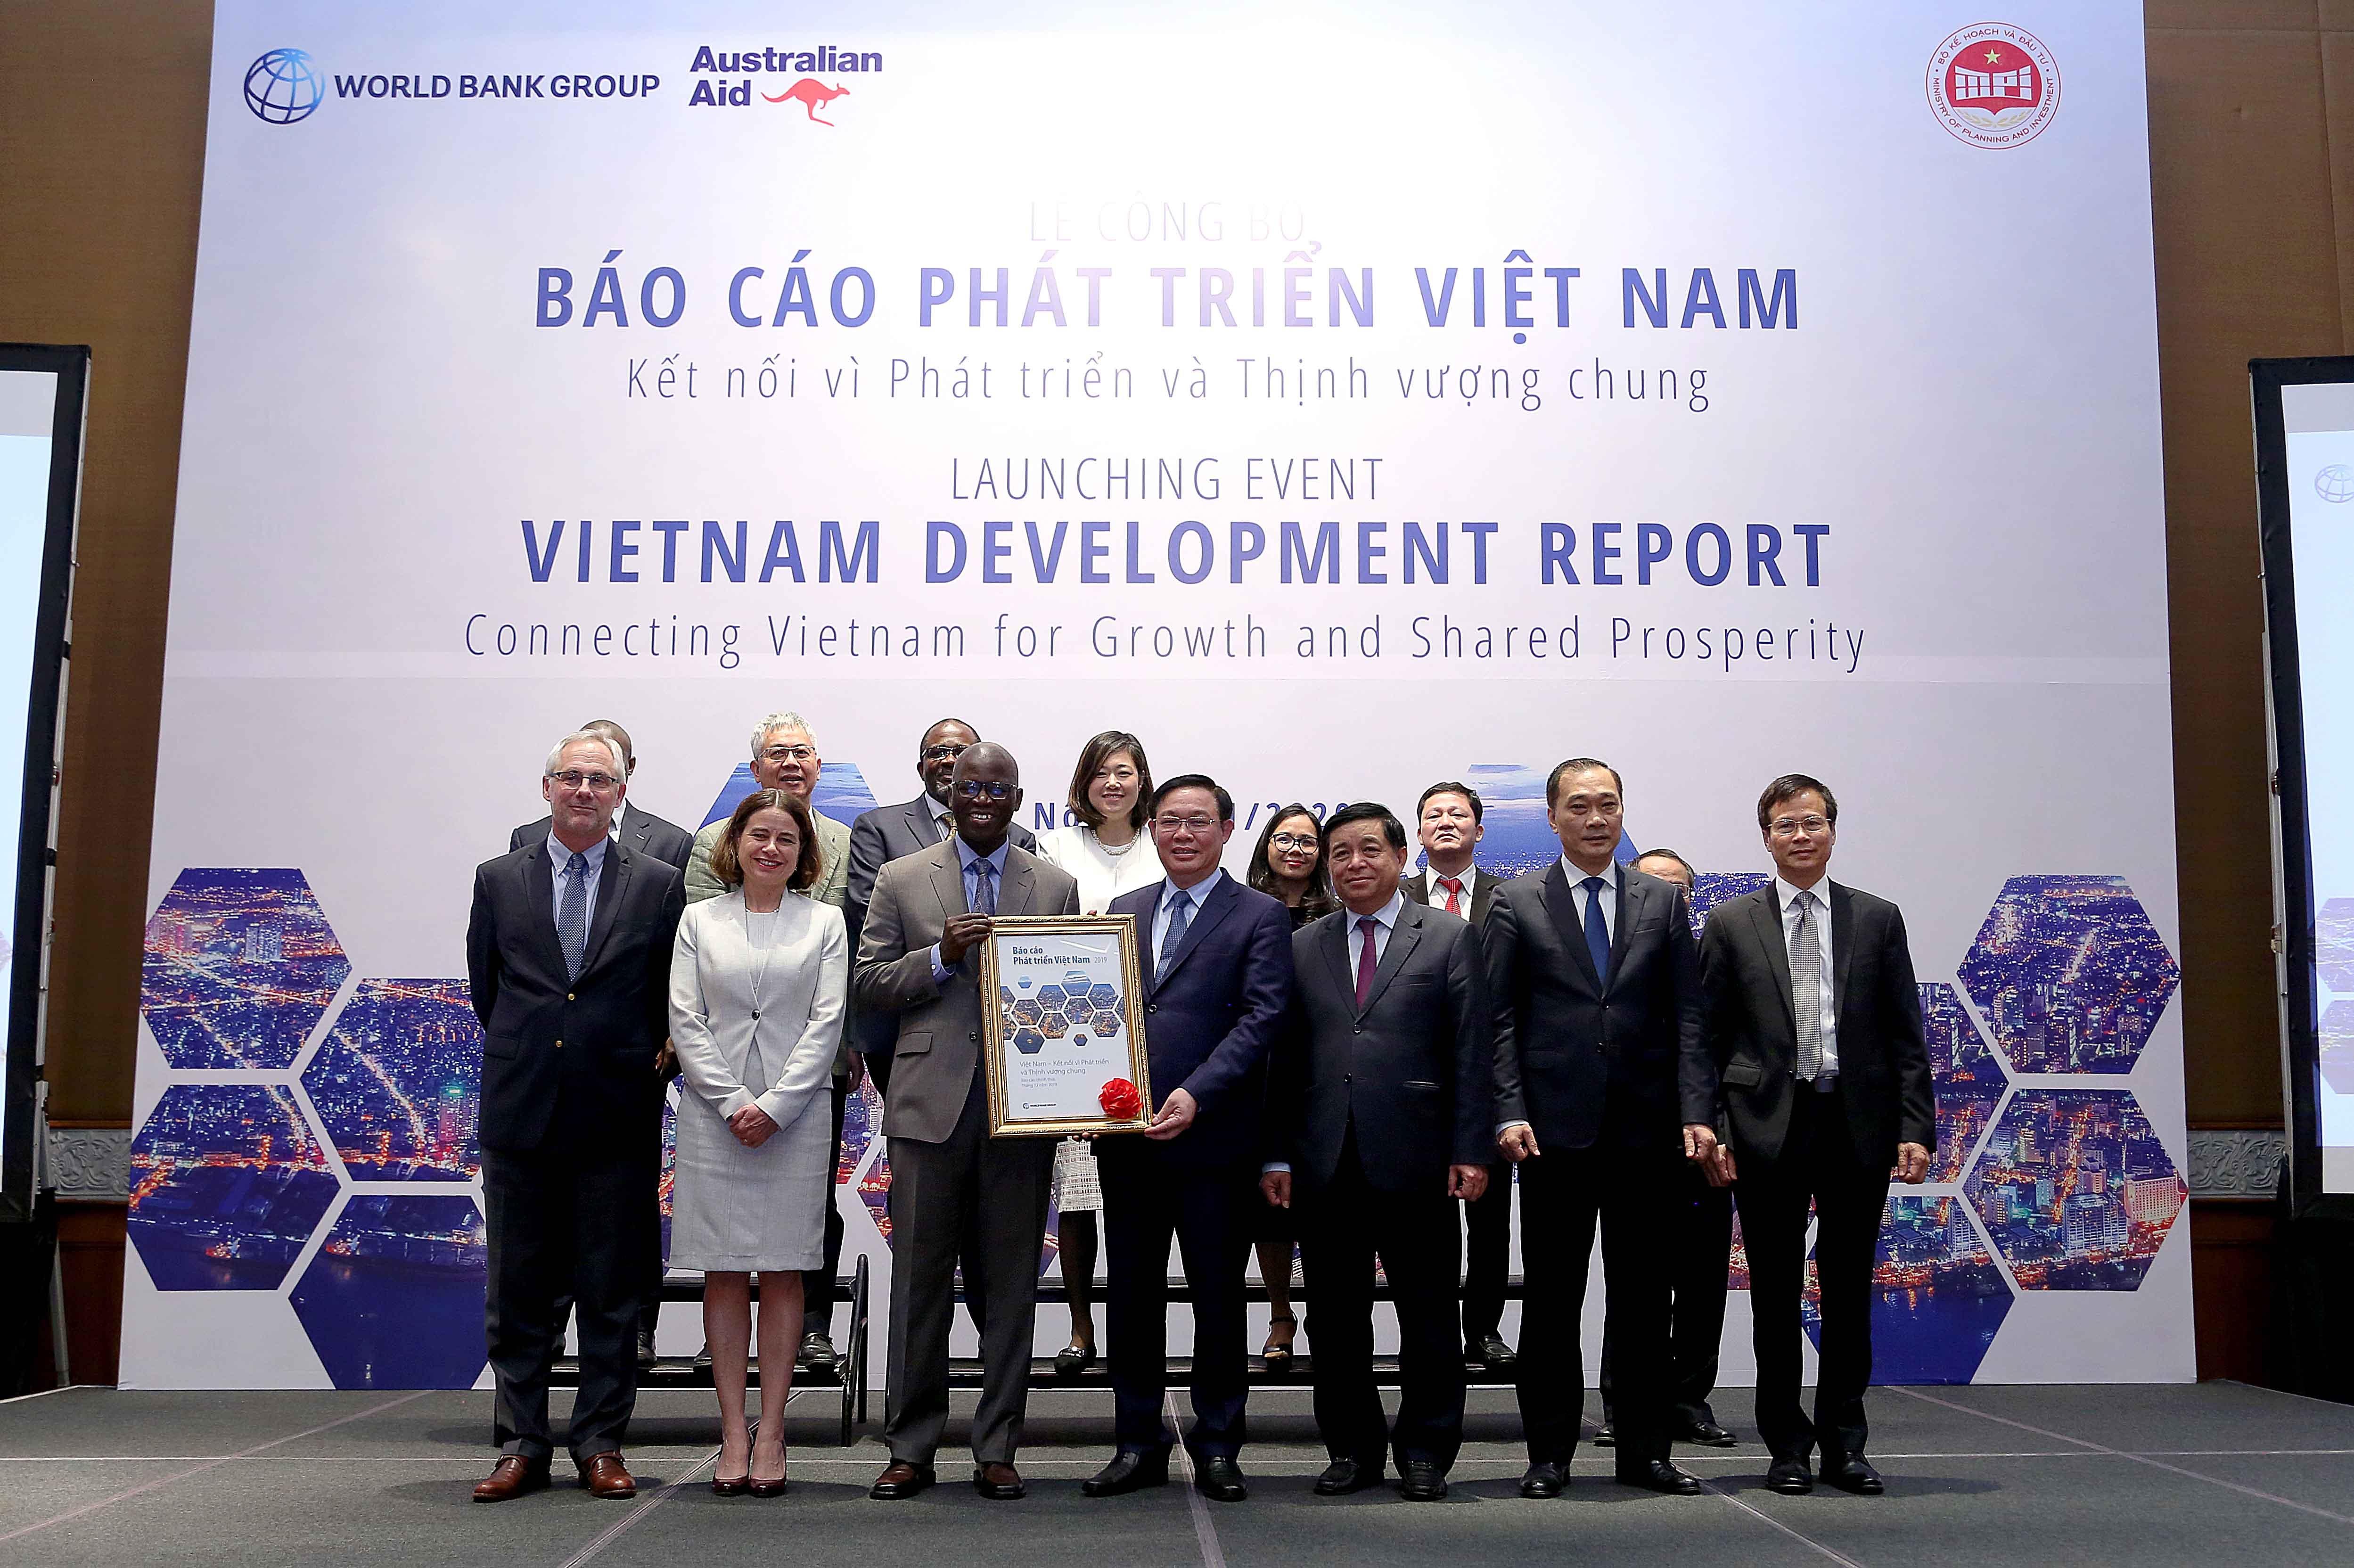 Lễ Công bố Báo cáo phát triển Việt Nam năm 2019